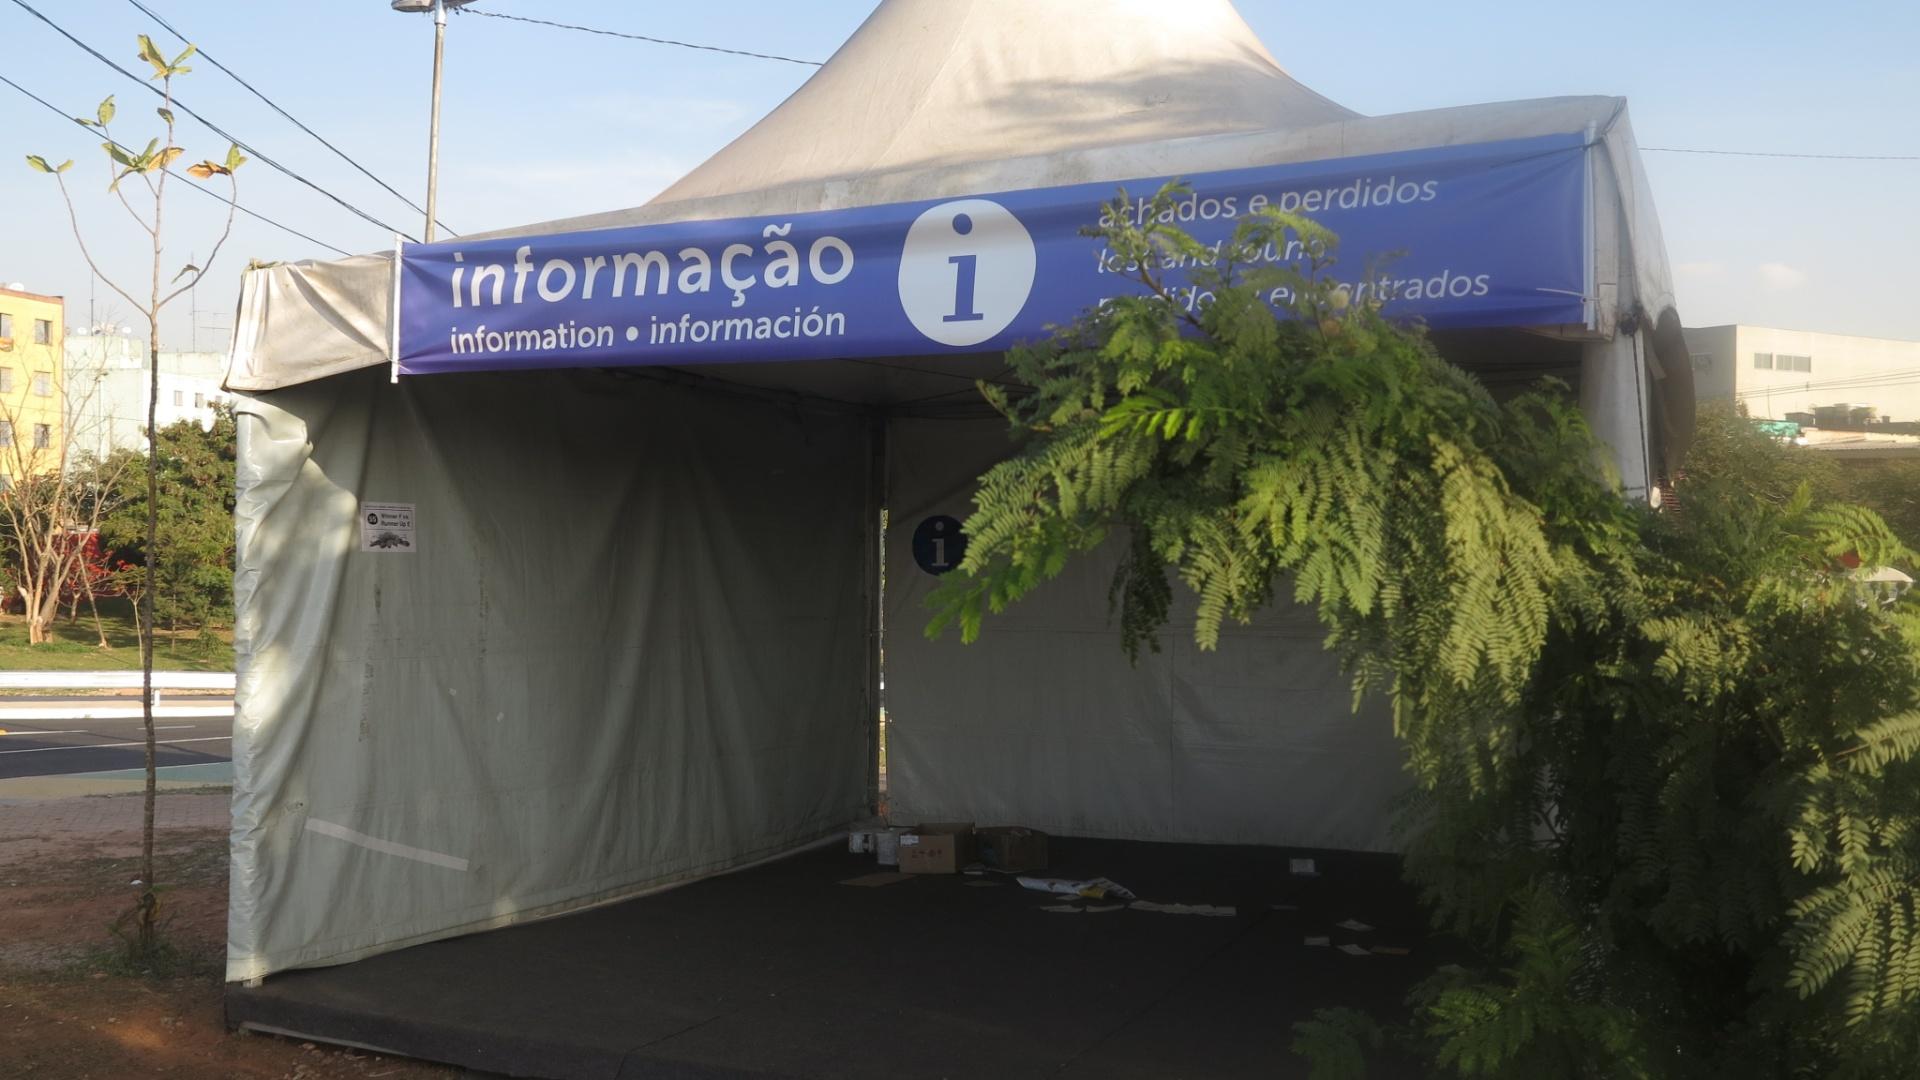 Posto de informações vazio entre a estação Artur Alvim do metrô e o estádio Itaquerão, em São Paulo.